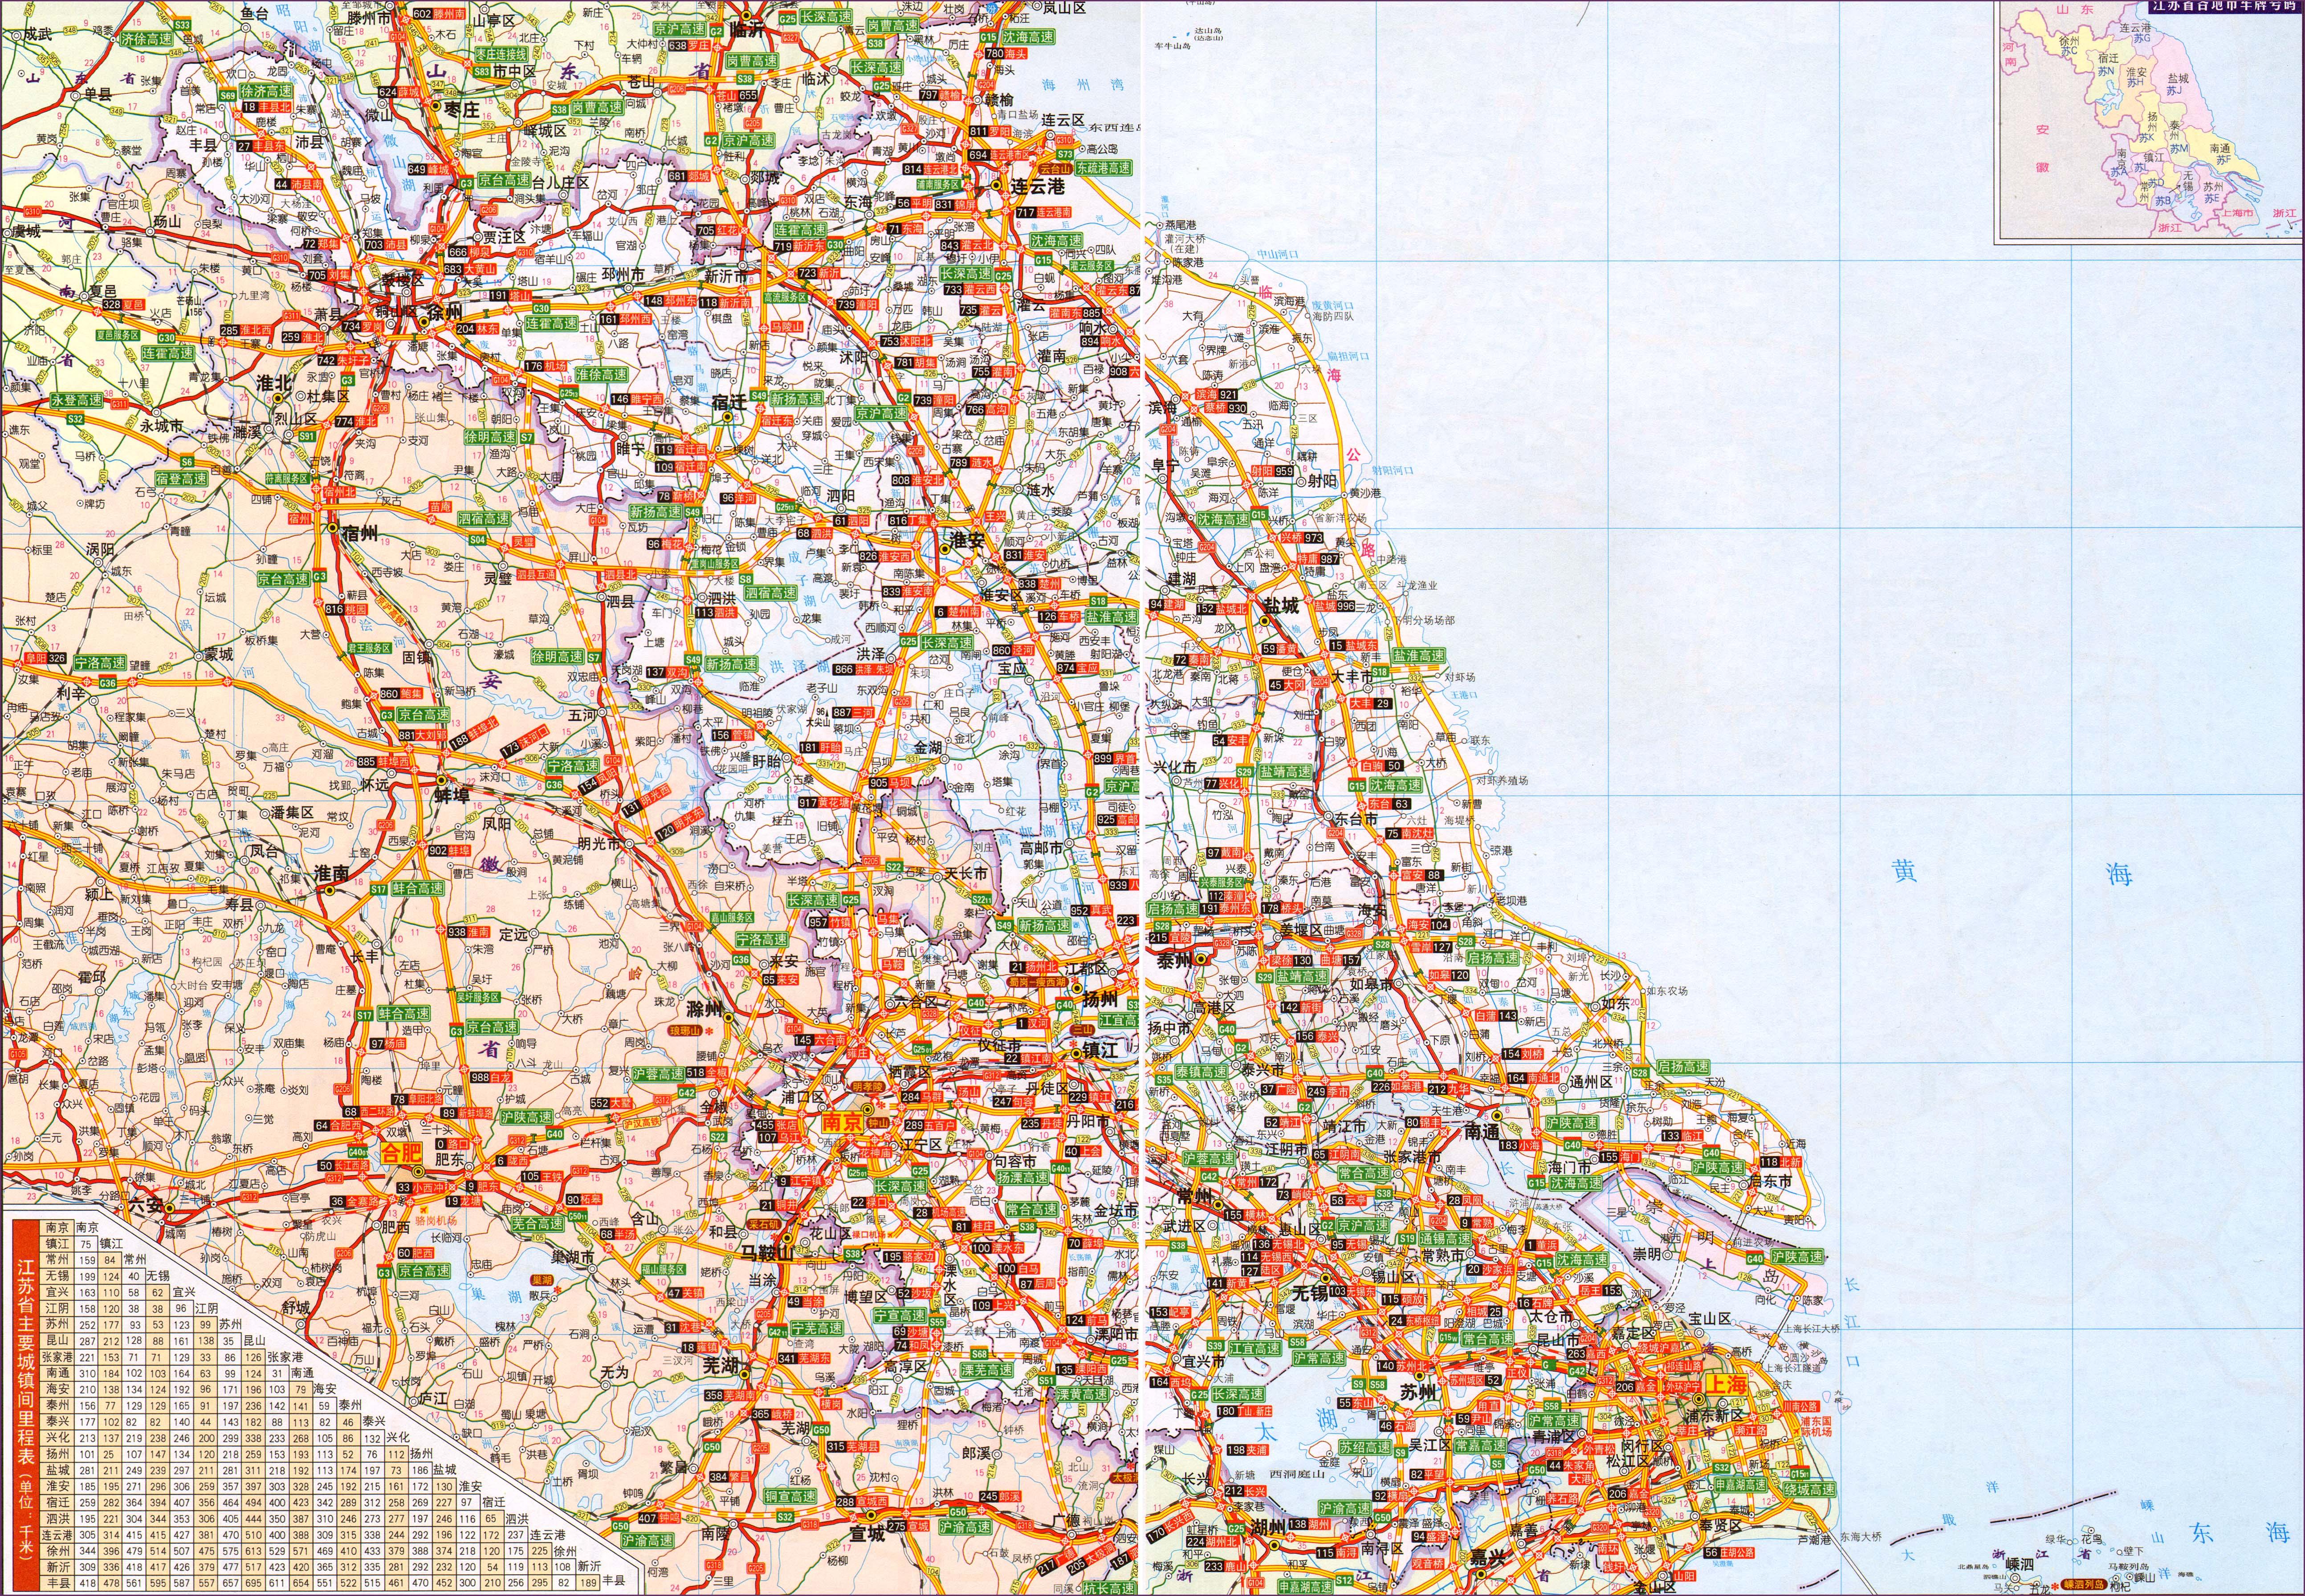 江苏高铁地图全图_江苏省交通地图全图_交通地图库_地图窝